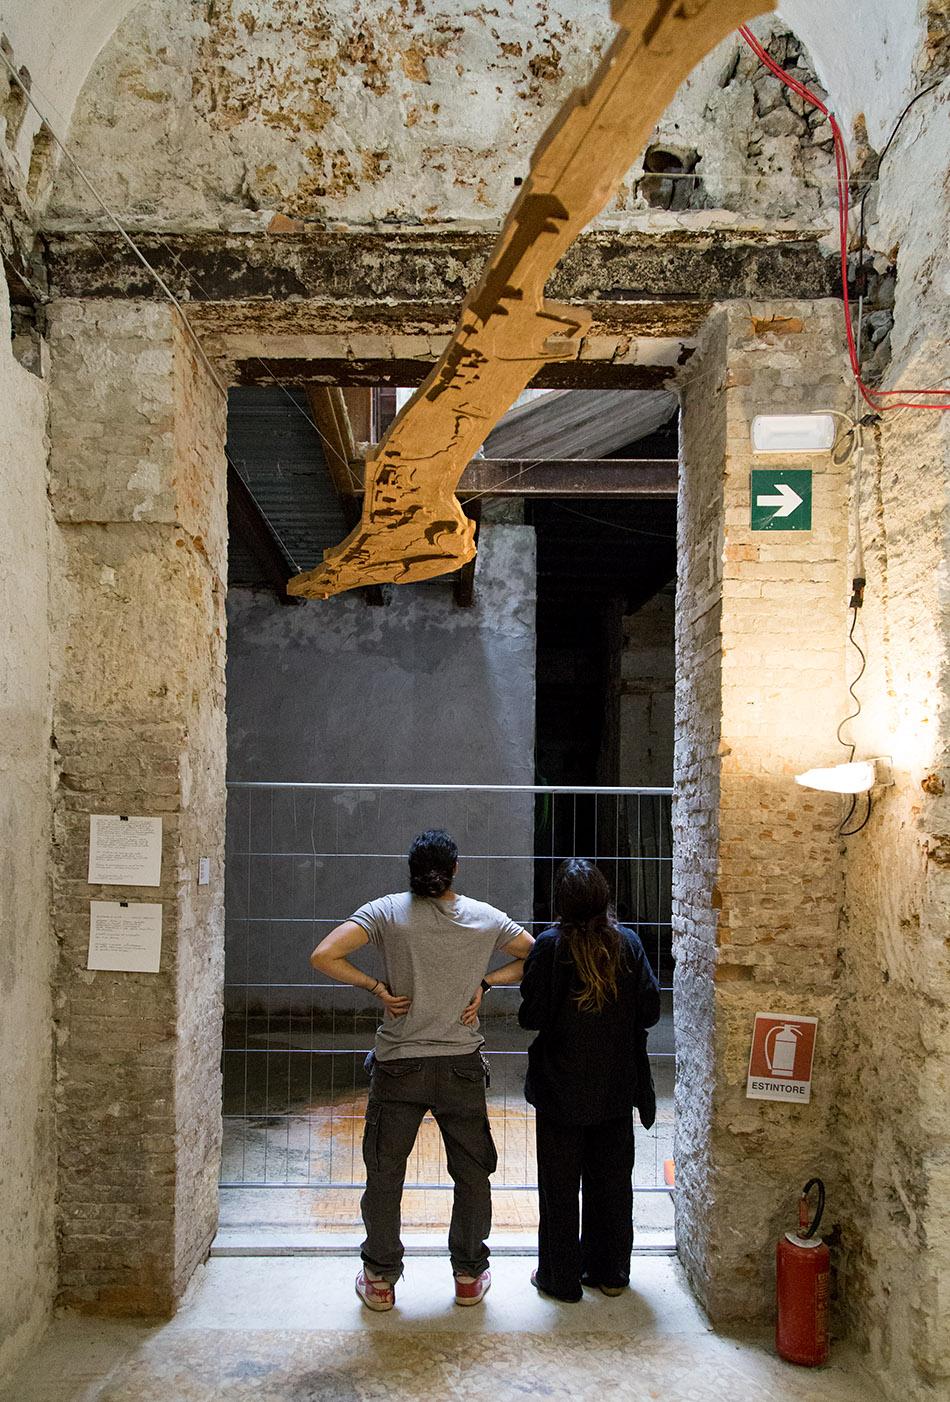 Fabian Fröhlich, Palermo, Manifesta 12, Palazzo Costantino (Roberto Collovà, Giardino di giardini. Azioni sulla Costa Sud)